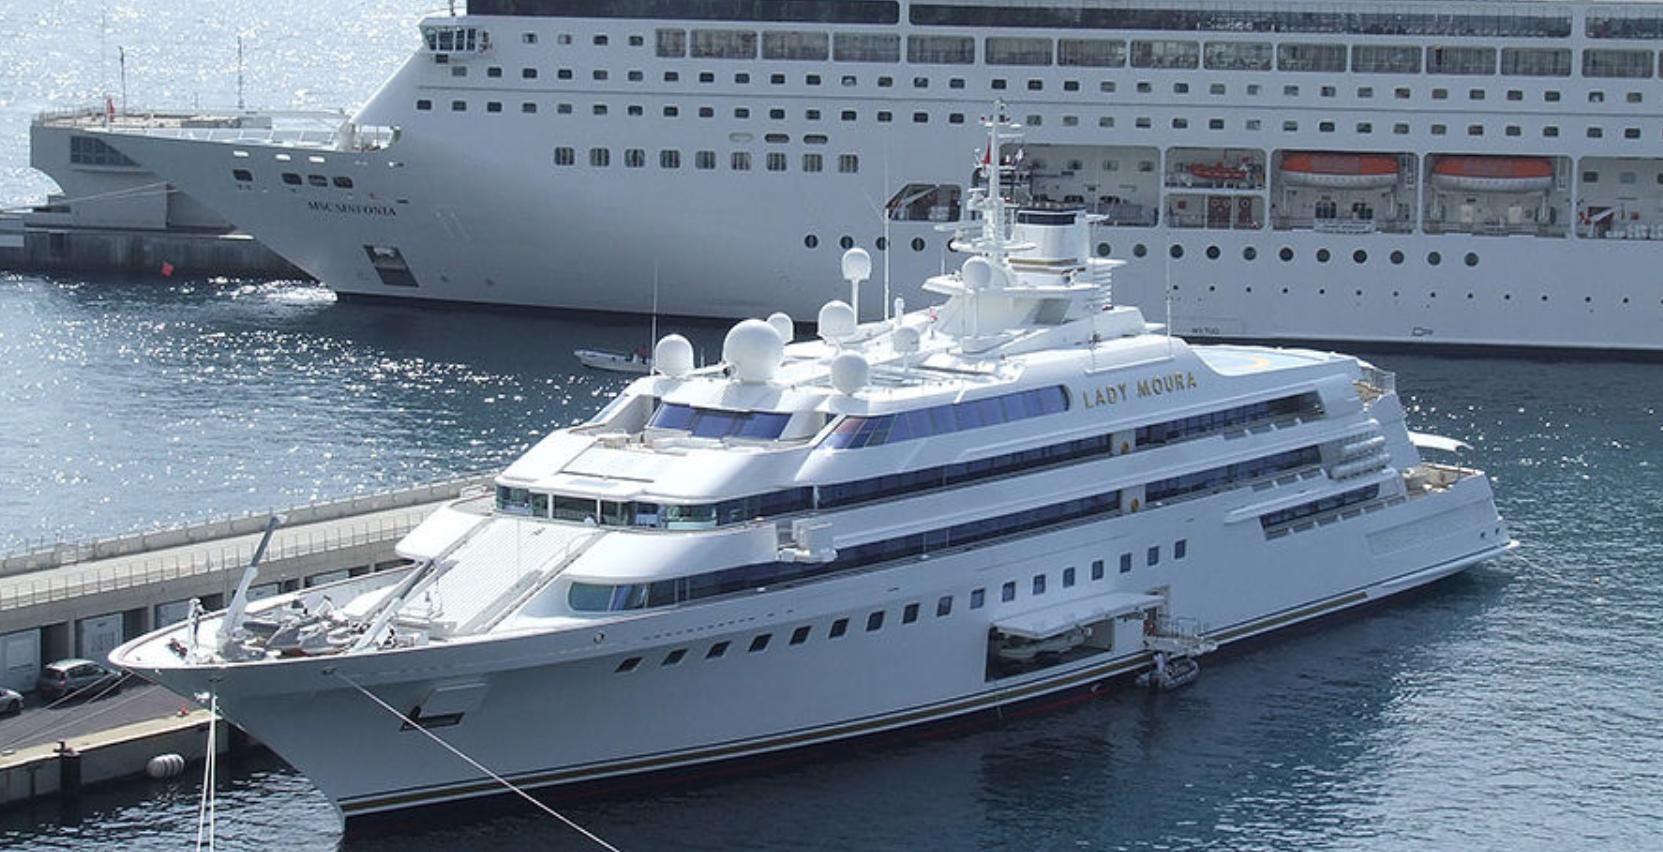 Яхта Lady Moura стоит 210 миллионов долларов